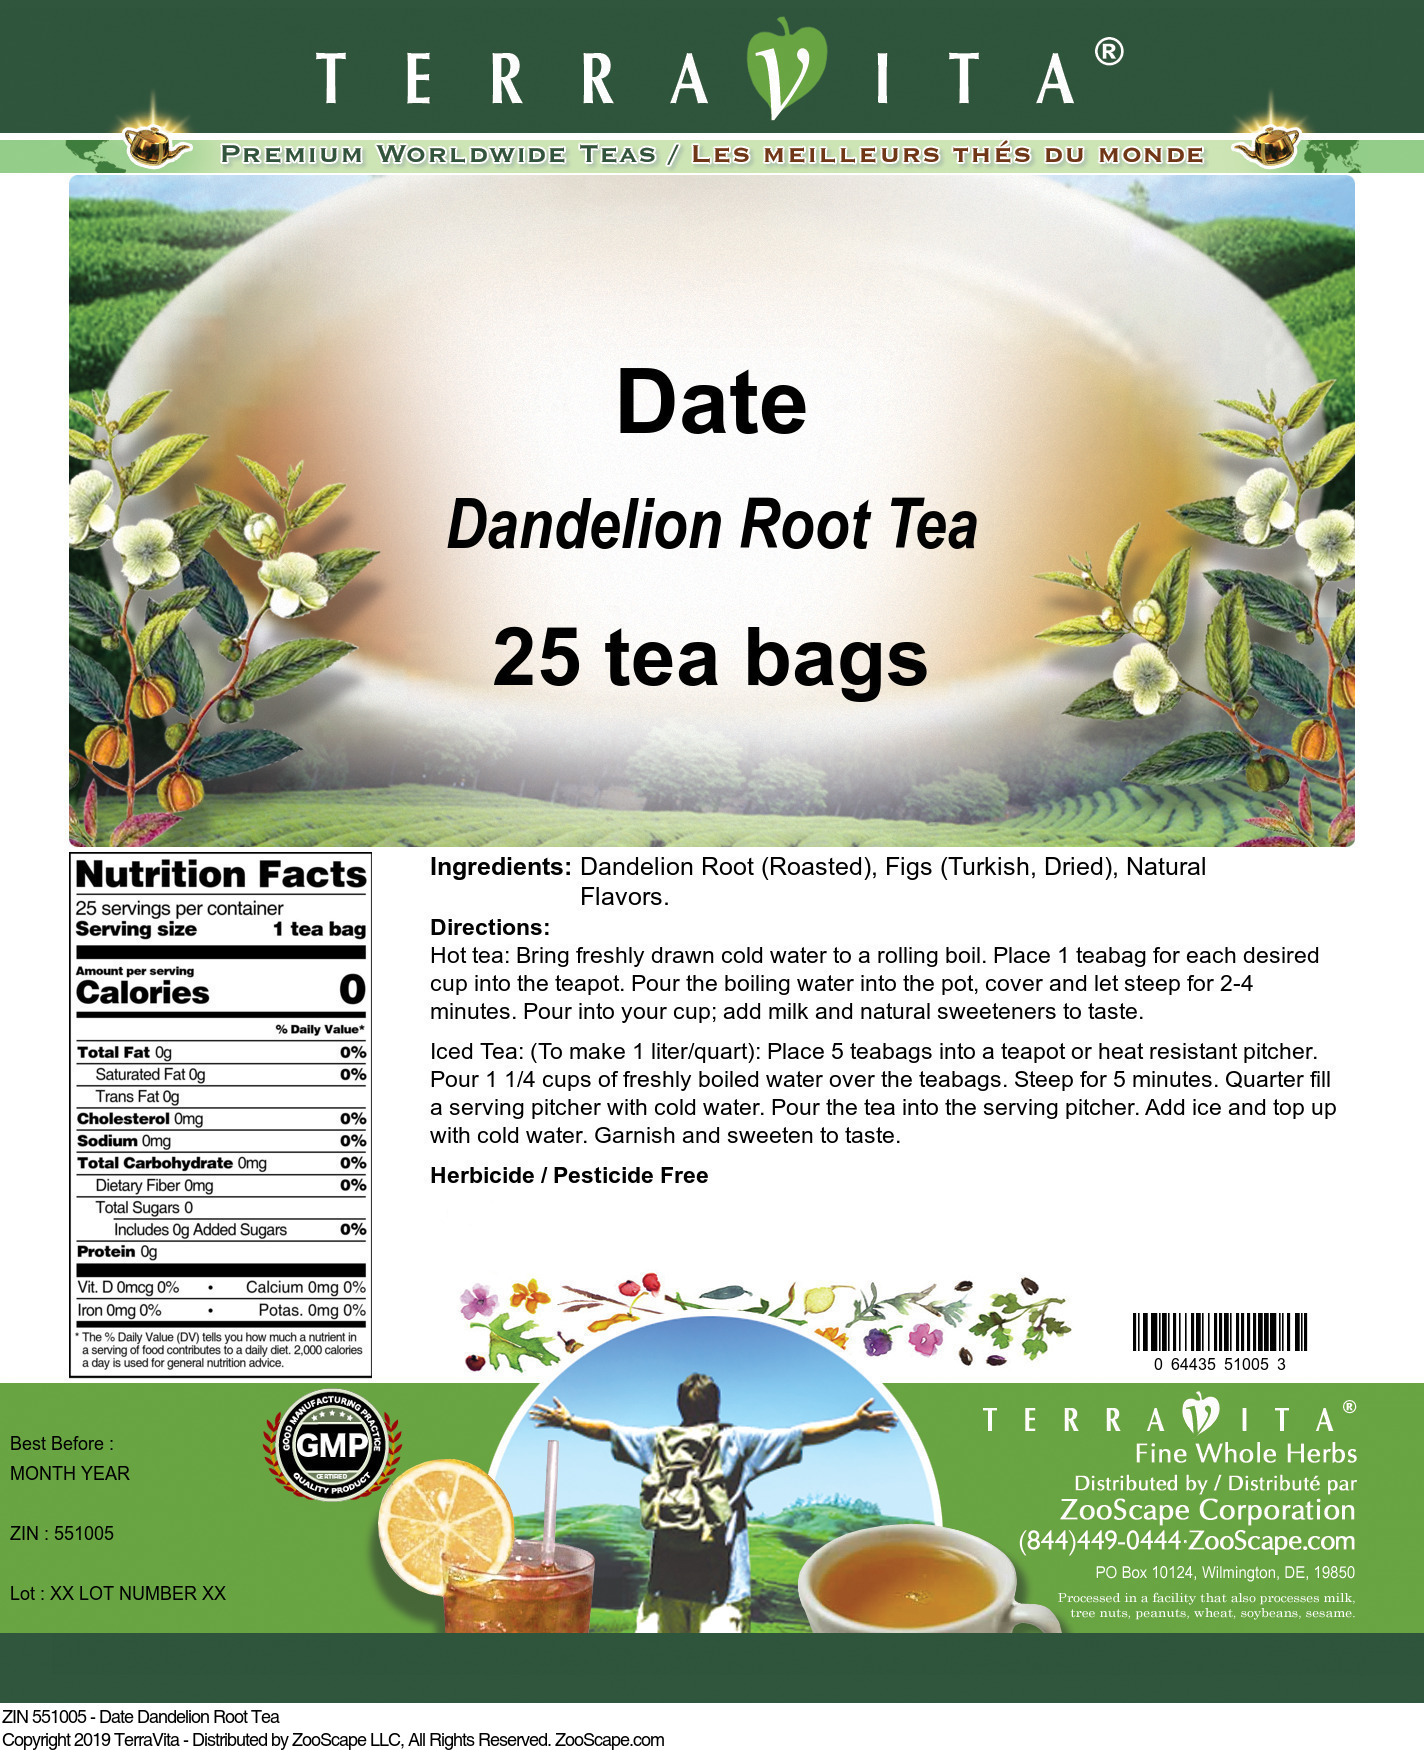 Date Dandelion Root